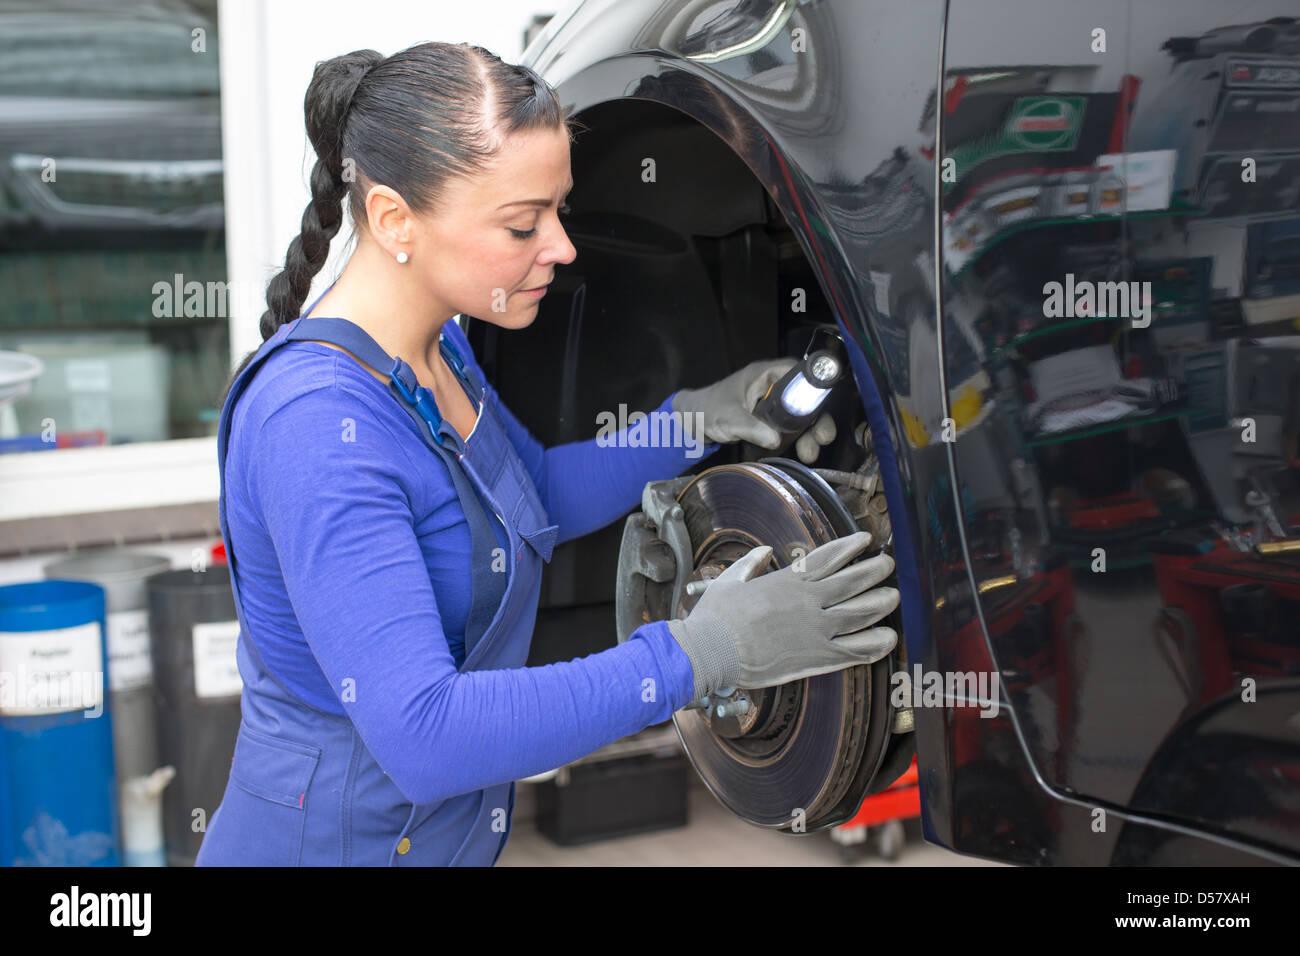 Kfz-Mechaniker repariert die Bremsen eines Autos auf einer Hebebühne Stockbild